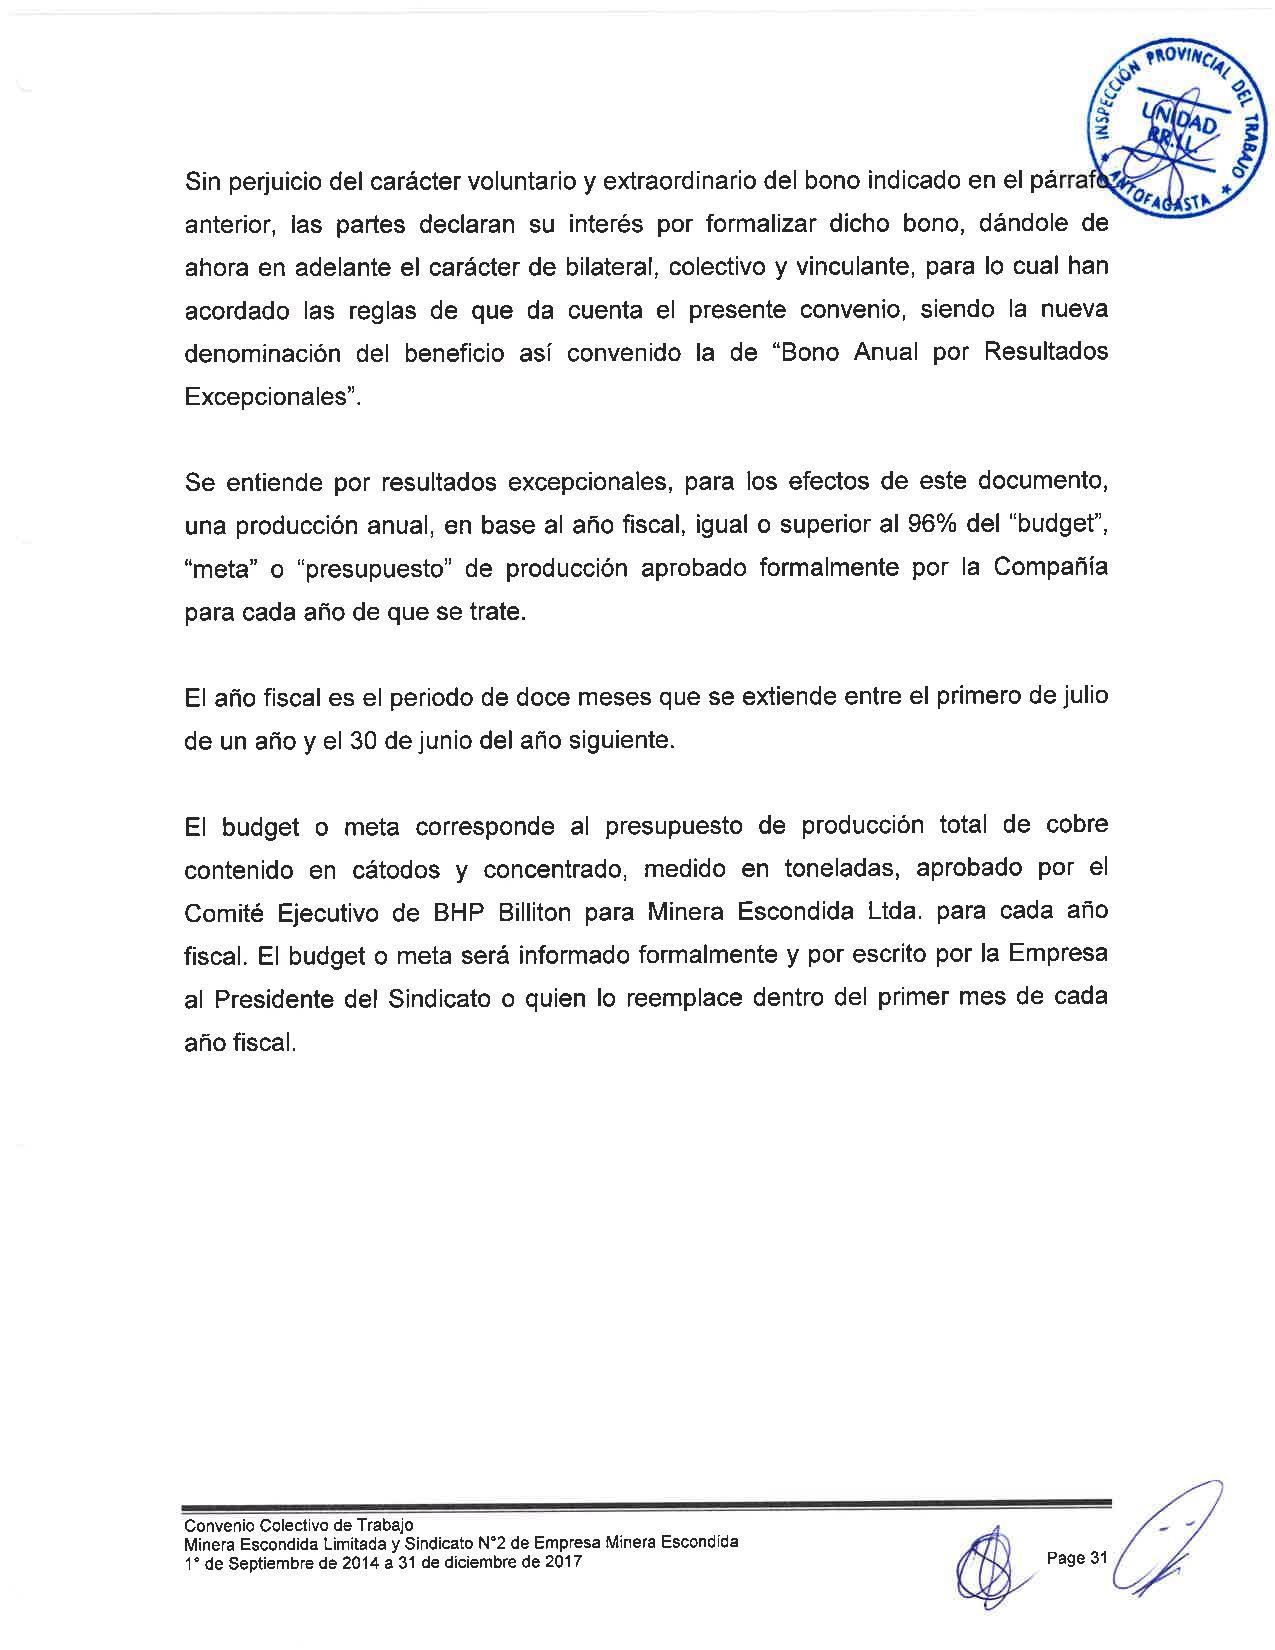 Página (31).jpg